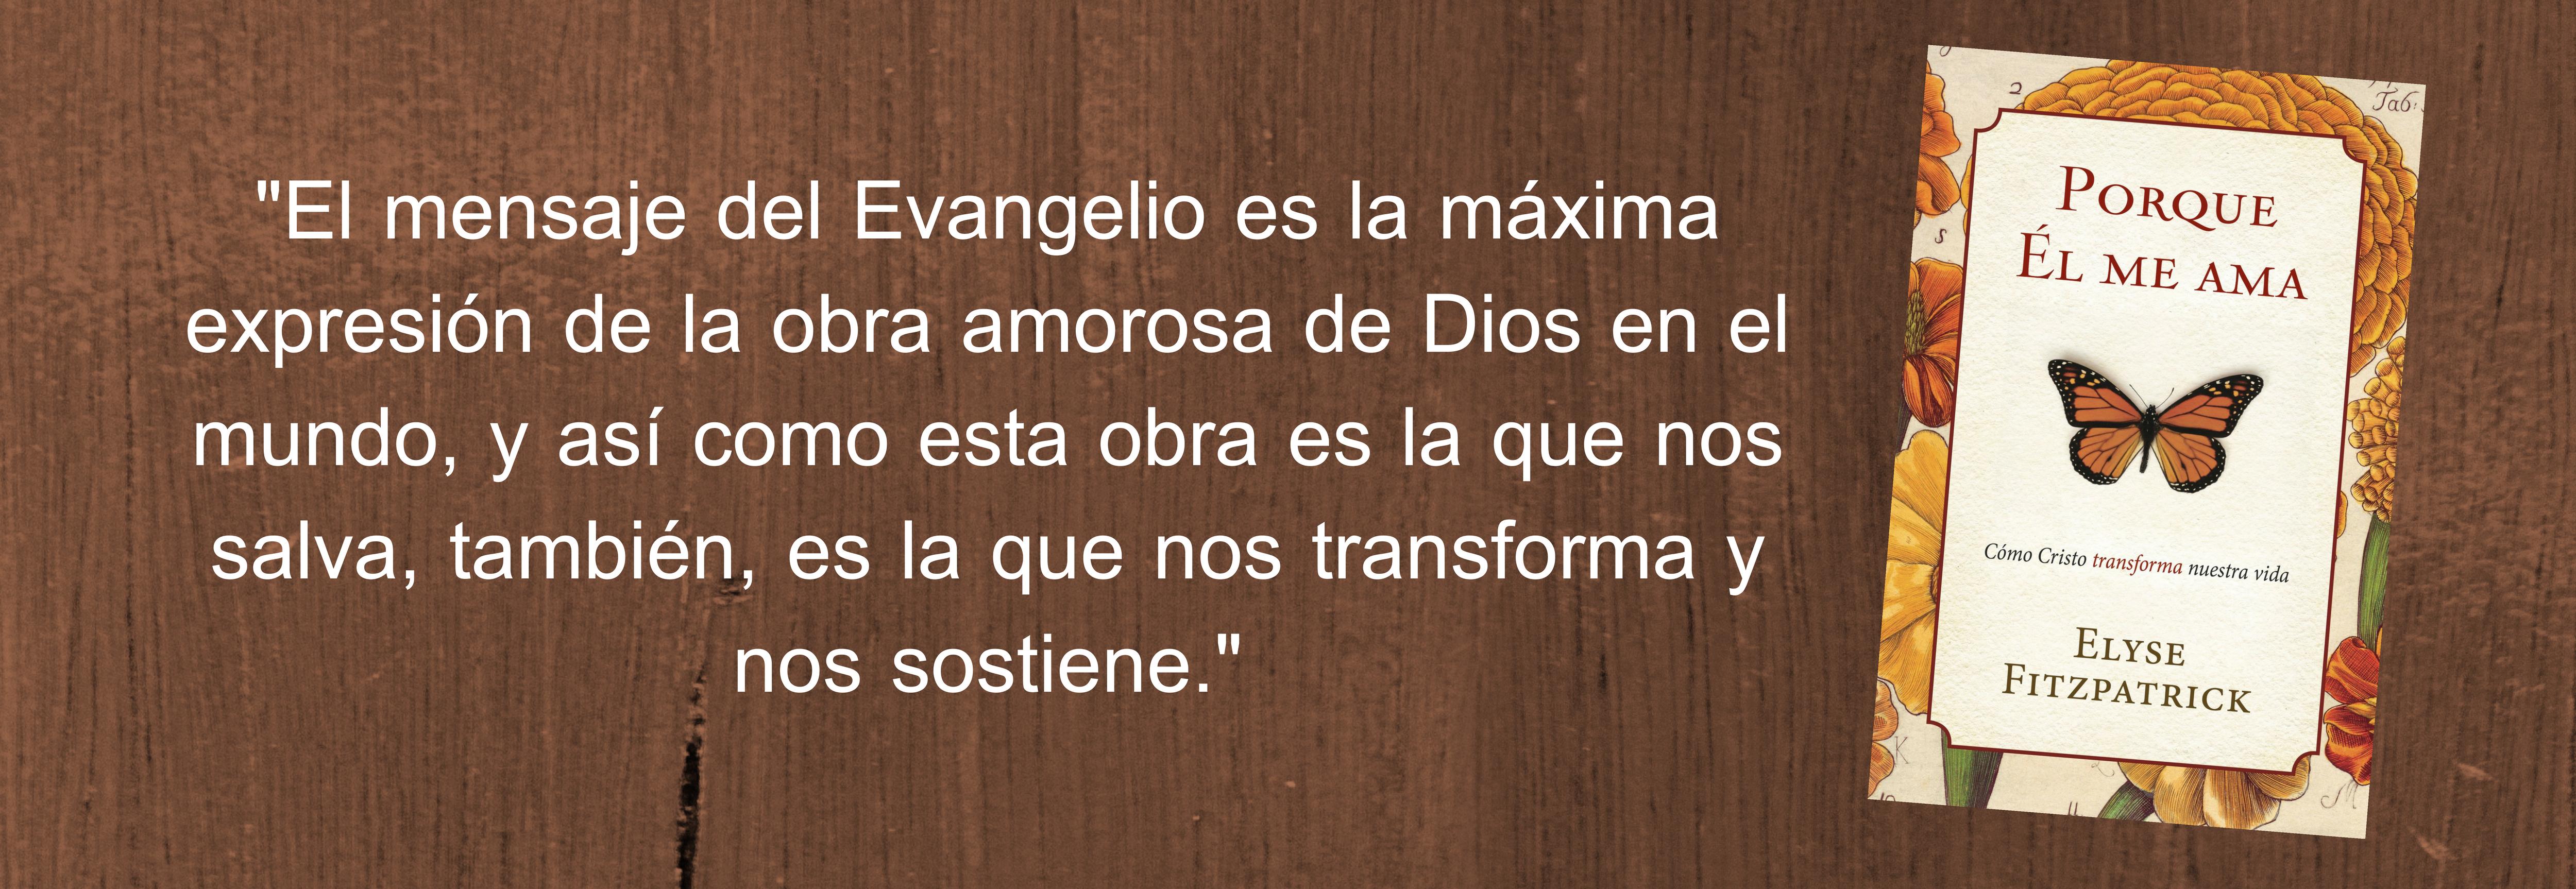 2. El mensaje del Evangelio es la máxima